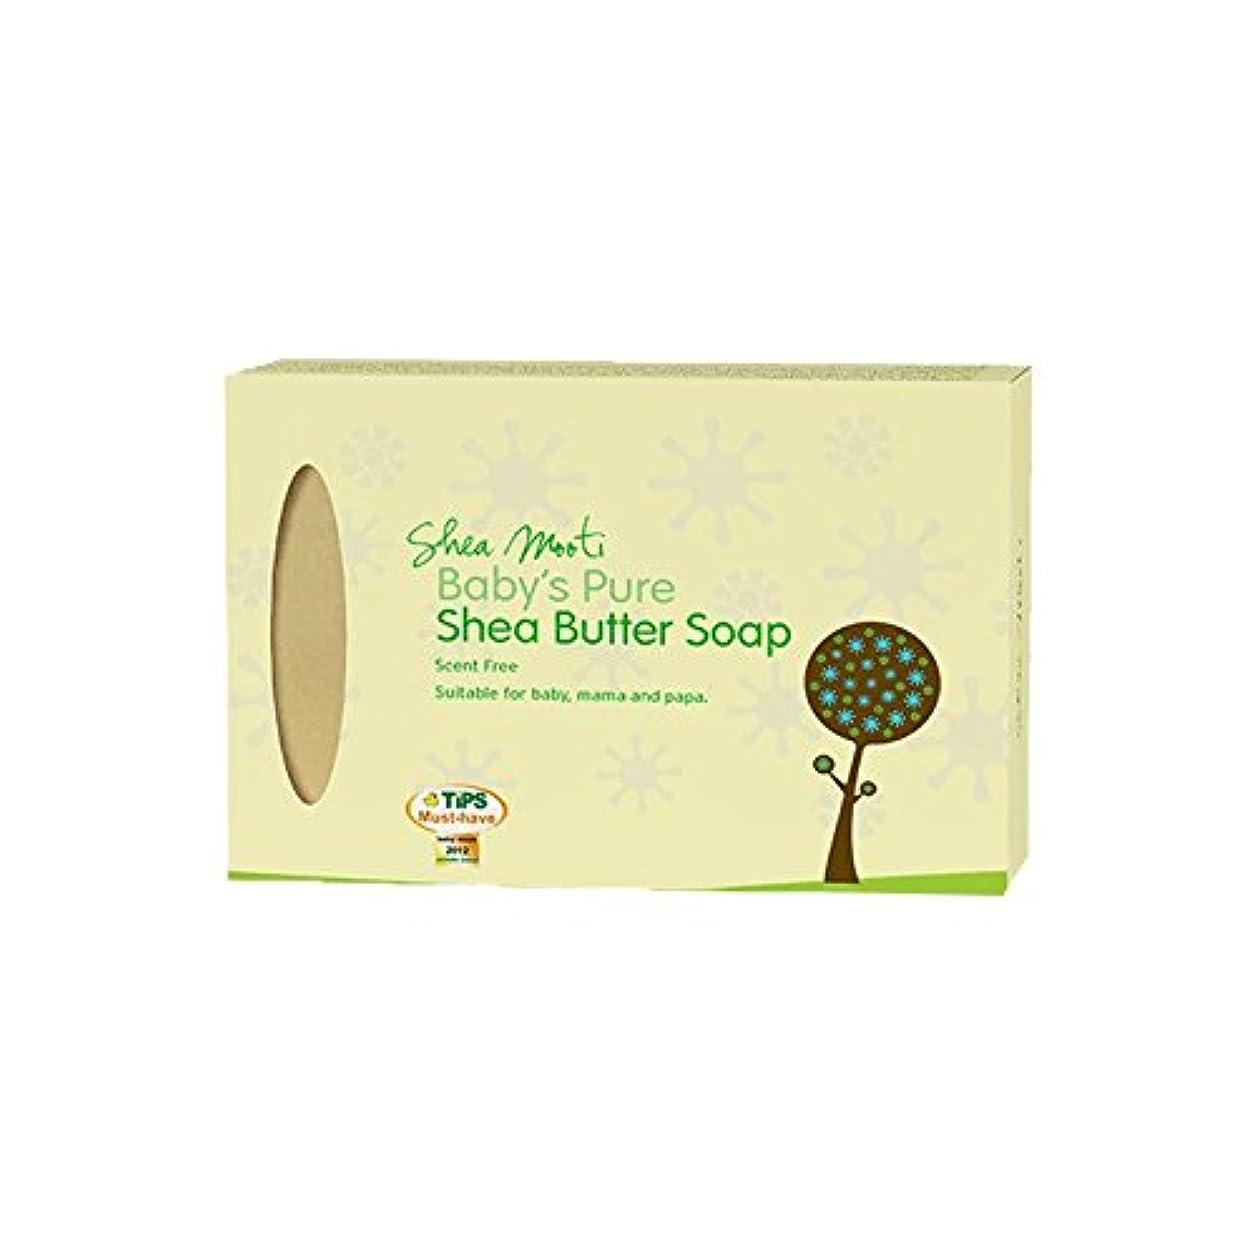 ブルーベル電話する連結するShea Mooti Baby's Pure Shea Butter Soap Unscented 250ml (Pack of 2) - シアバターMooti赤ちゃんの純粋なシアバターソープ無香250ミリリットル (x2) [並行輸入品]